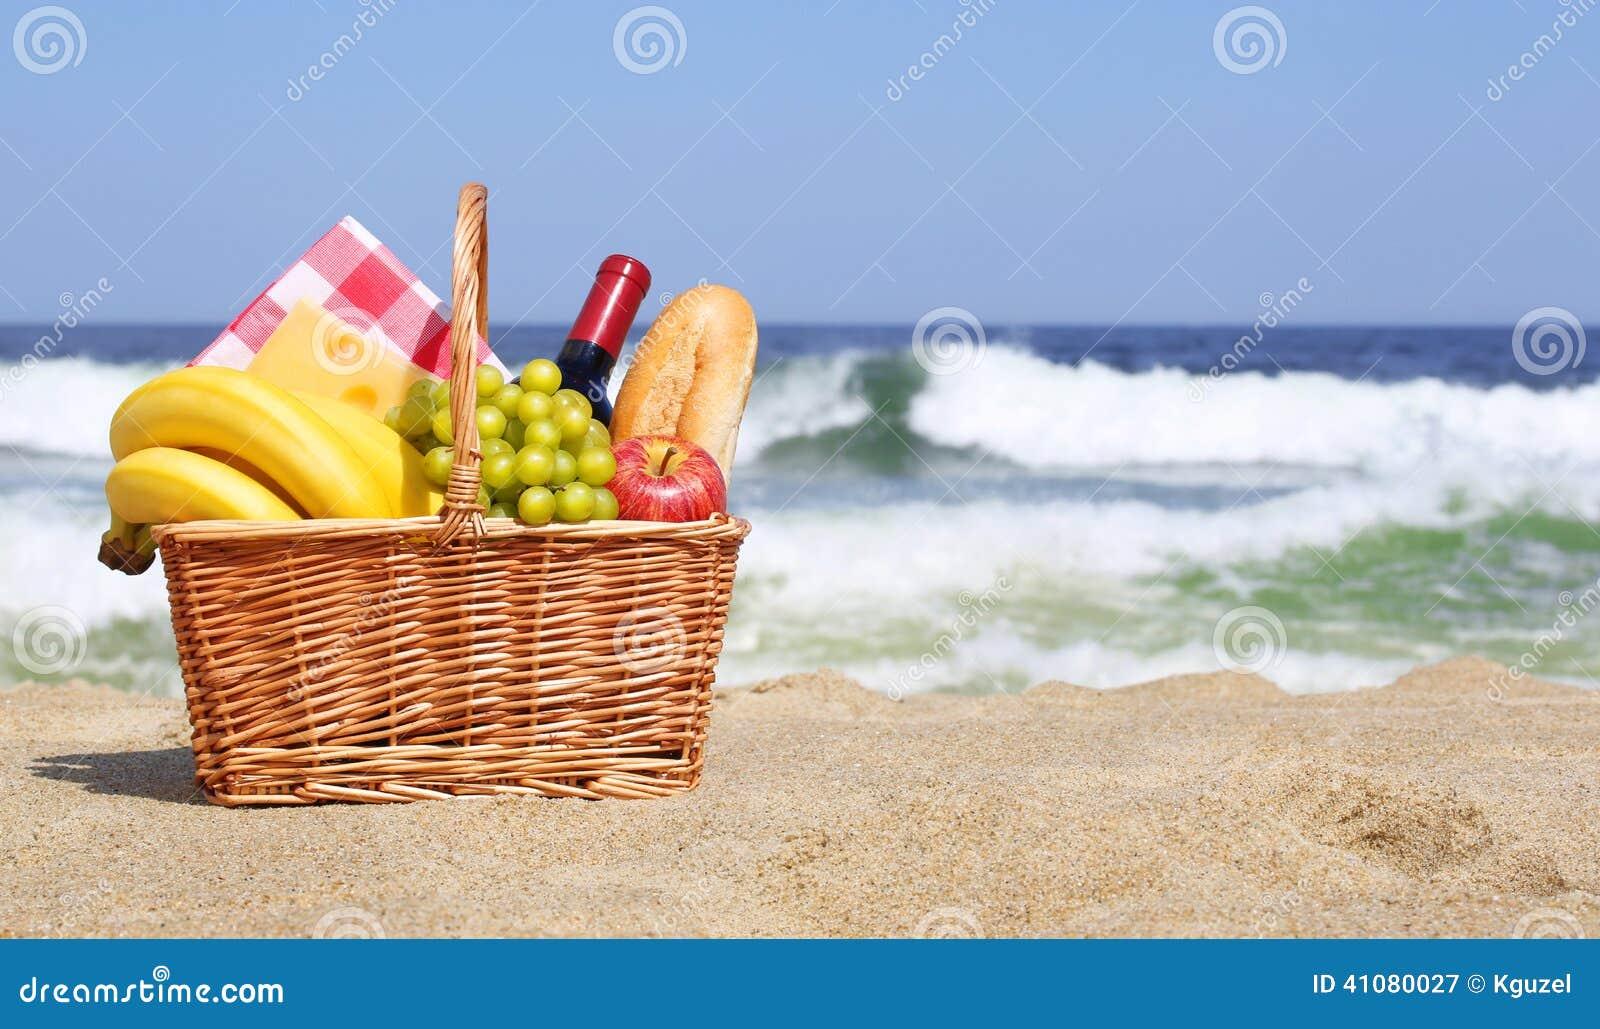 panier de pique nique sur la plage photo stock image. Black Bedroom Furniture Sets. Home Design Ideas